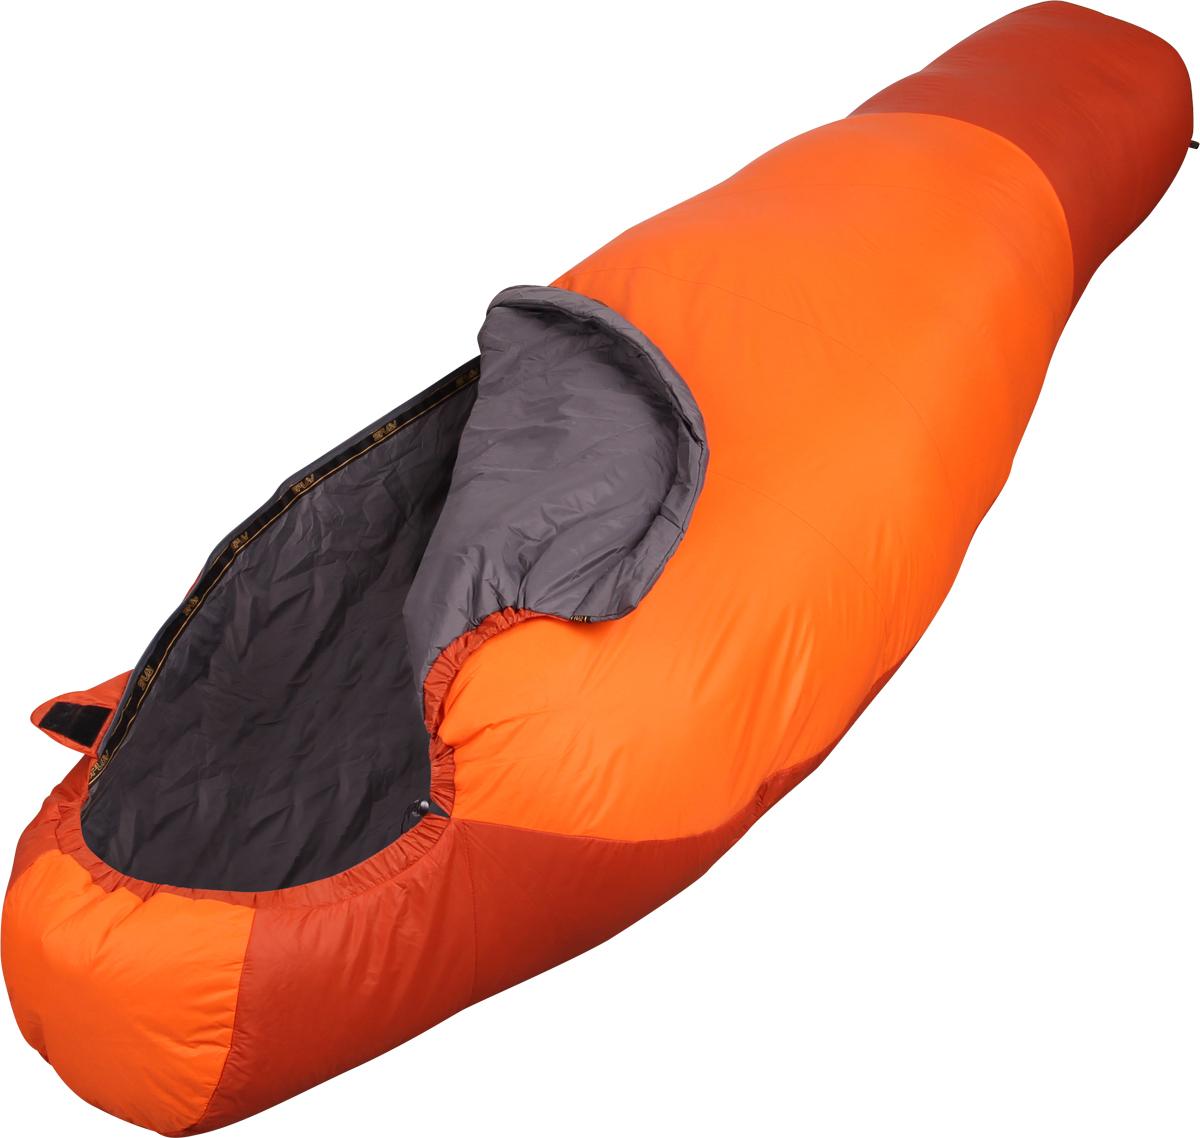 Мешок спальный Сплав Antris 120, левосторонняя молния, цвет: оранжевый, 220 x 85 x 55 см4505574Сверхлегкий, летний спальный мешок.